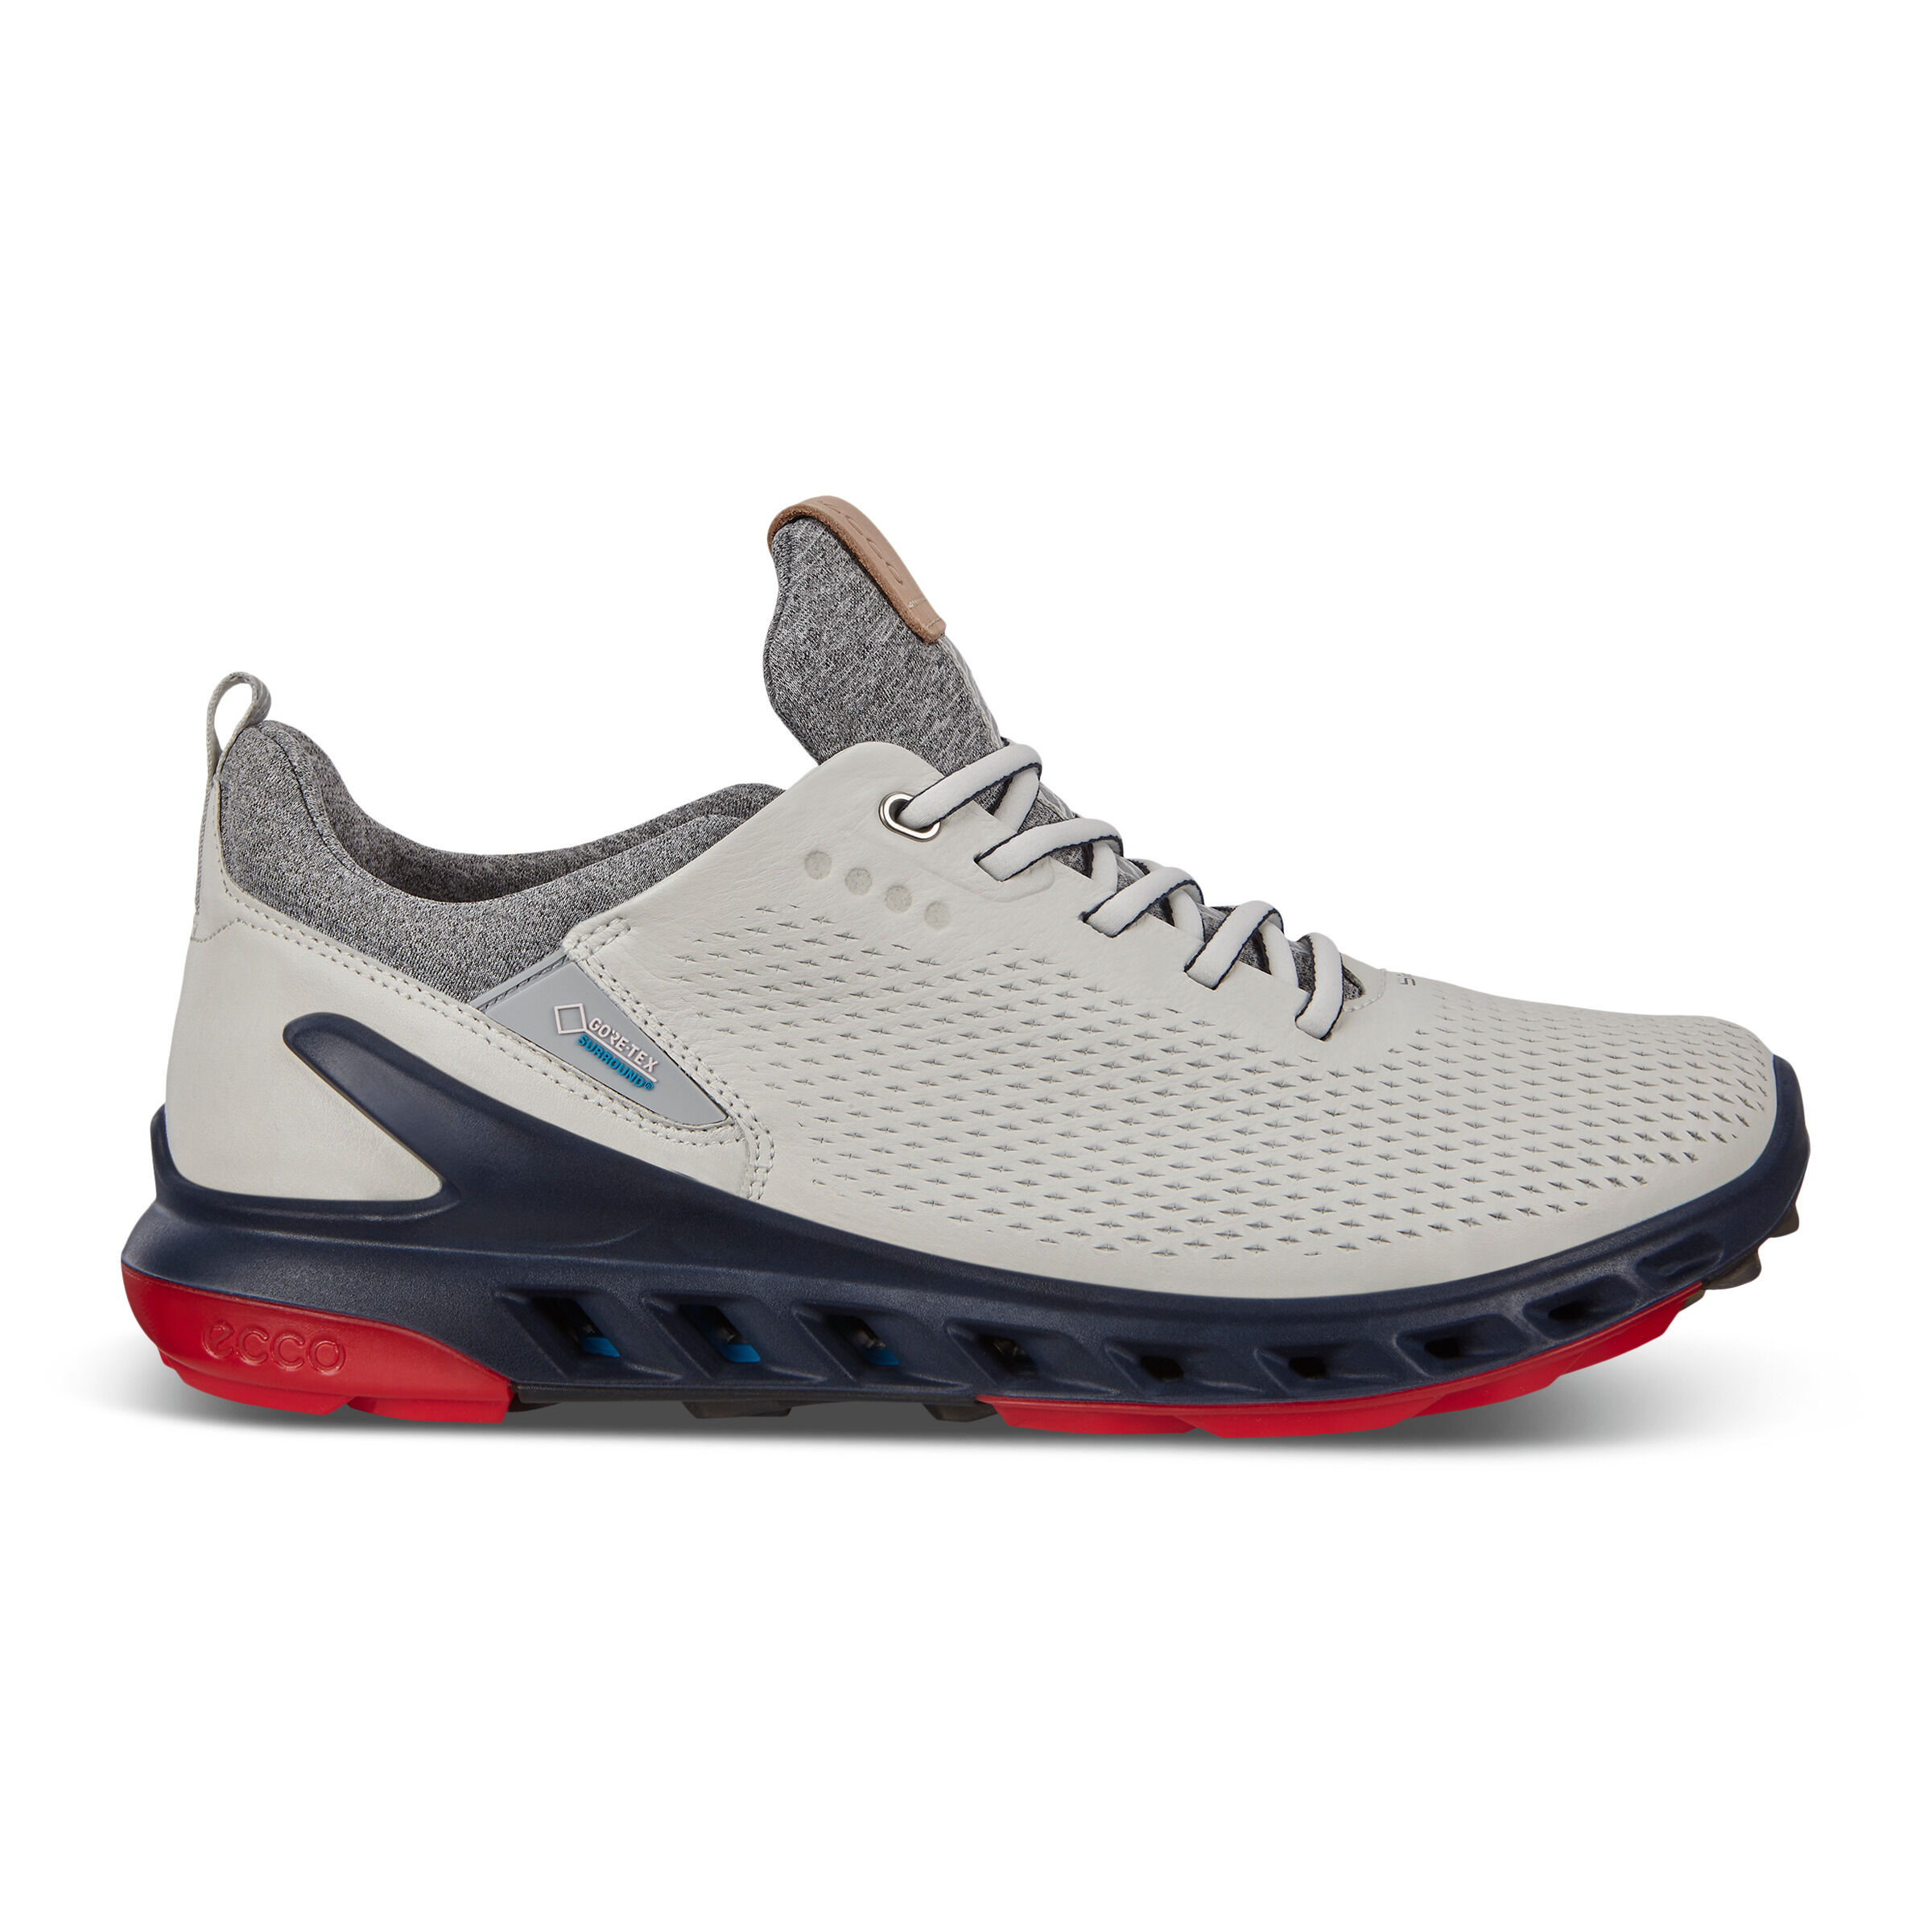 에코 맨 골프화 ECCO M GOLF BIOM COOL PRO Shoe,white/scarlet